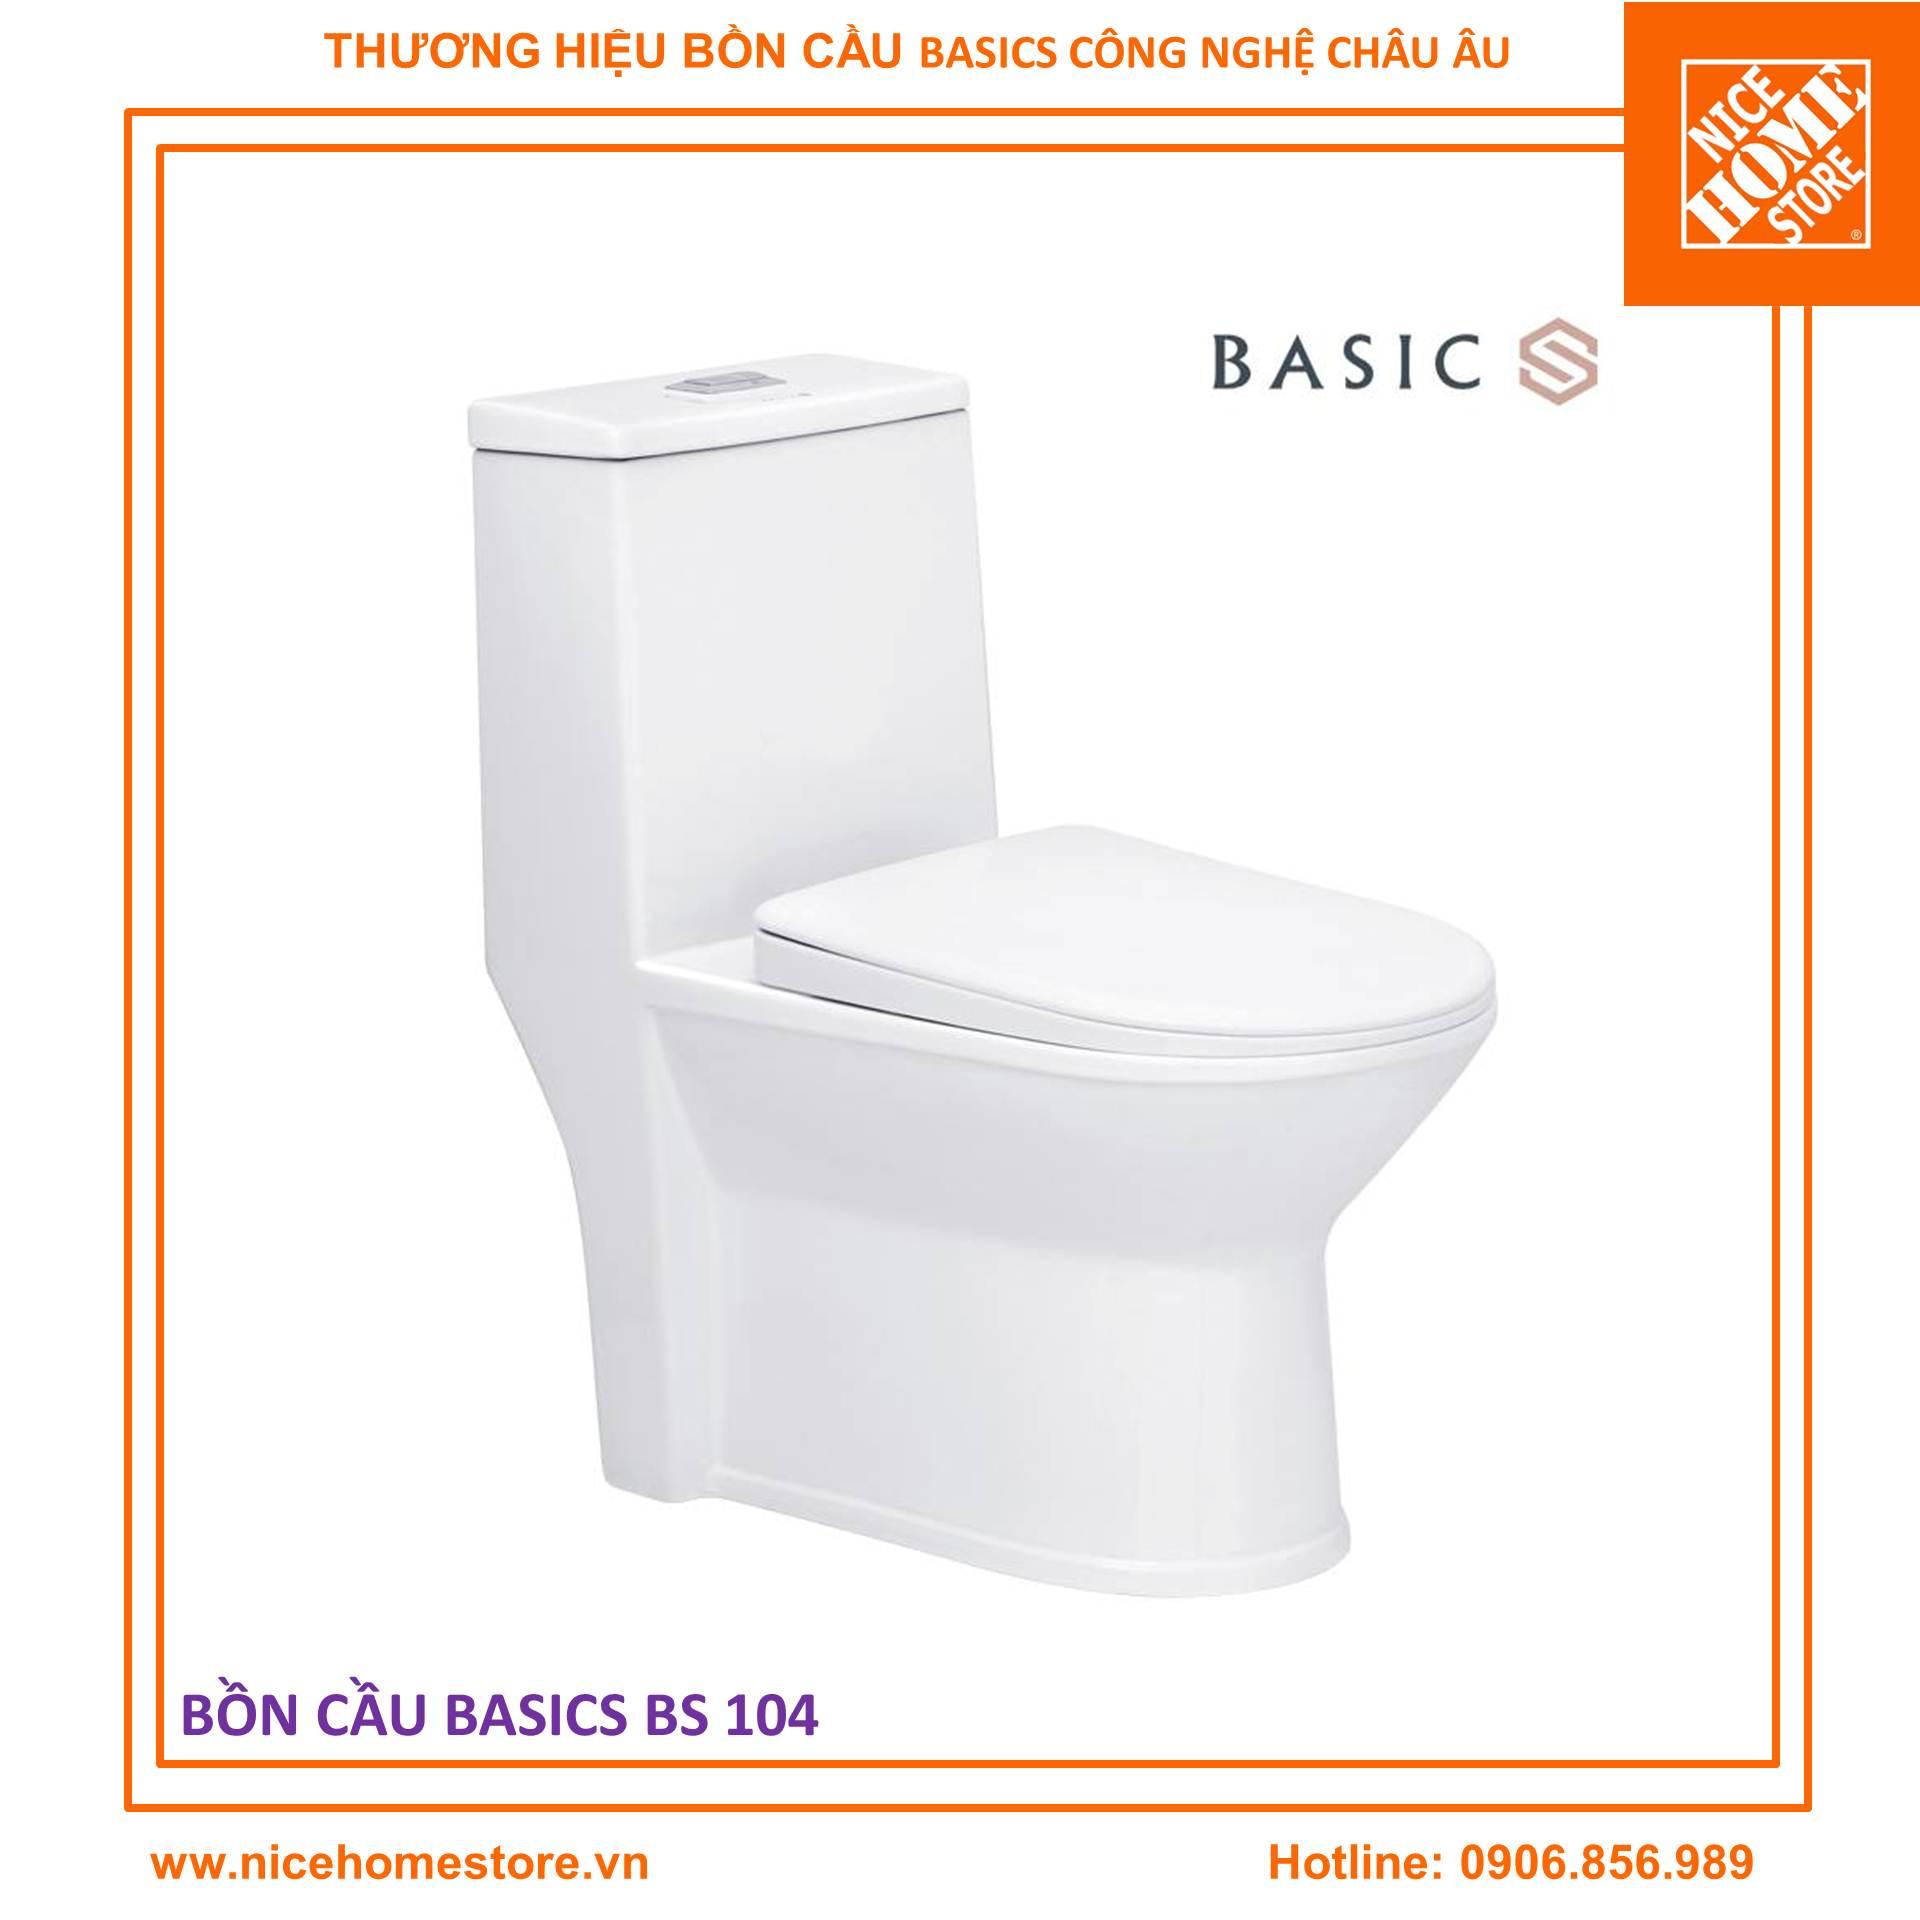 Bồn cầu Basics BS 104